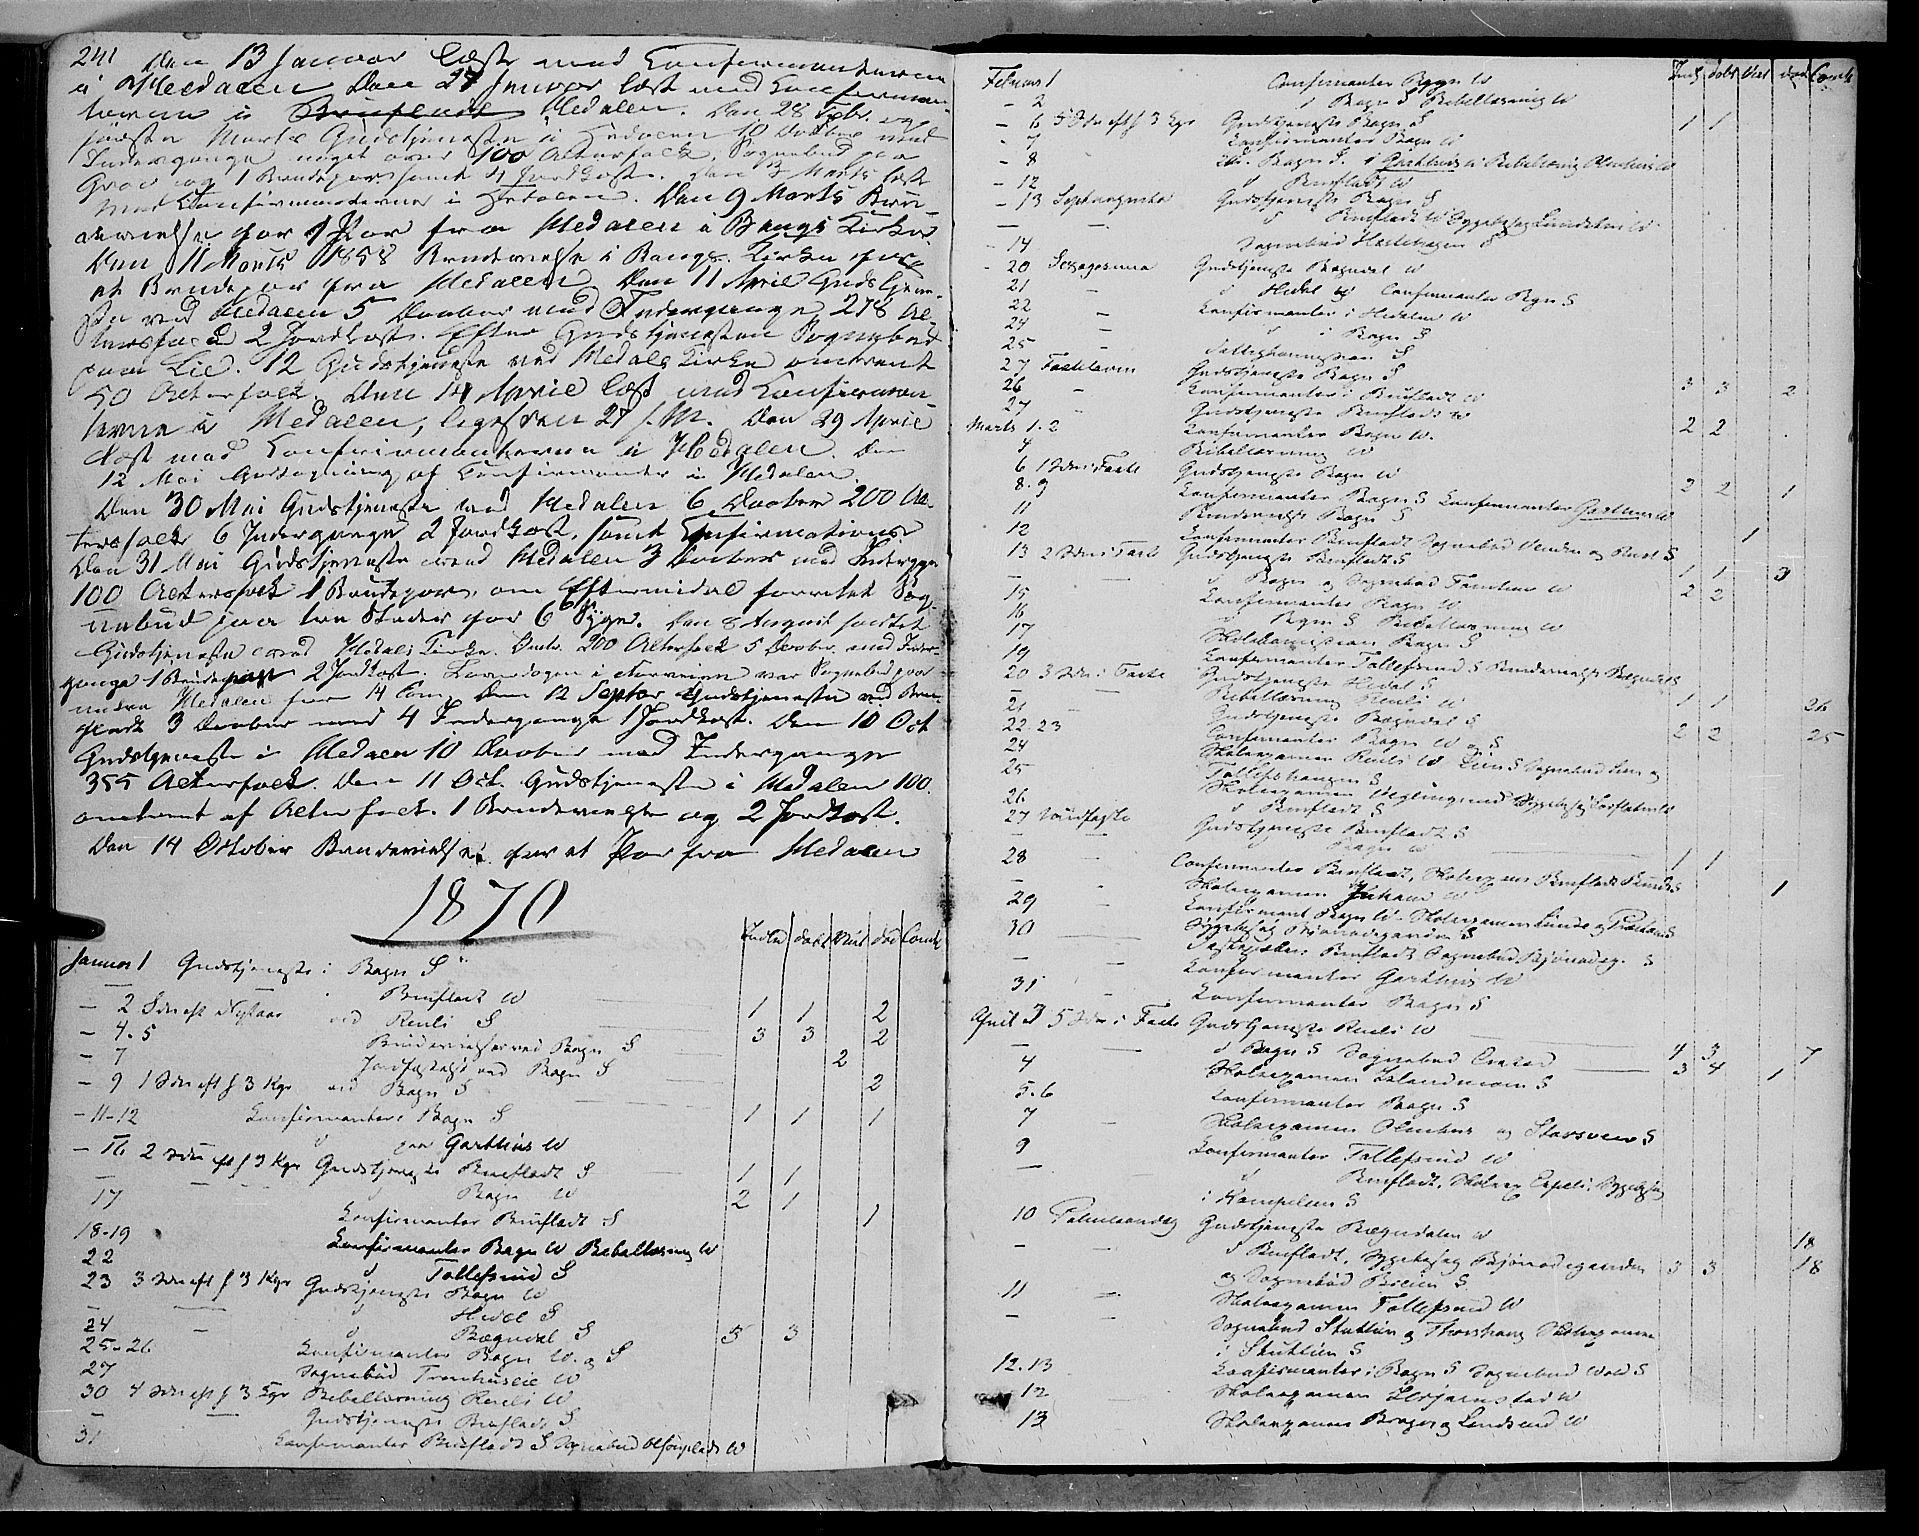 SAH, Sør-Aurdal prestekontor, Ministerialbok nr. 7, 1849-1876, s. 241